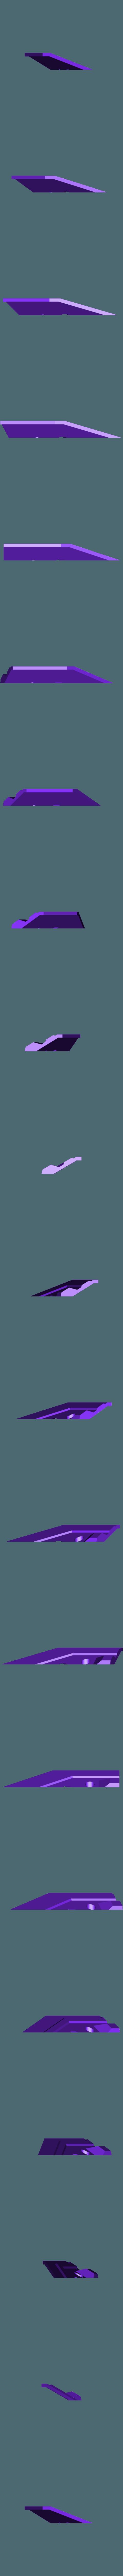 sidewing.stl Télécharger fichier STL gratuit EPIC 6 stage coilgun • Objet pour impression 3D, Gyro